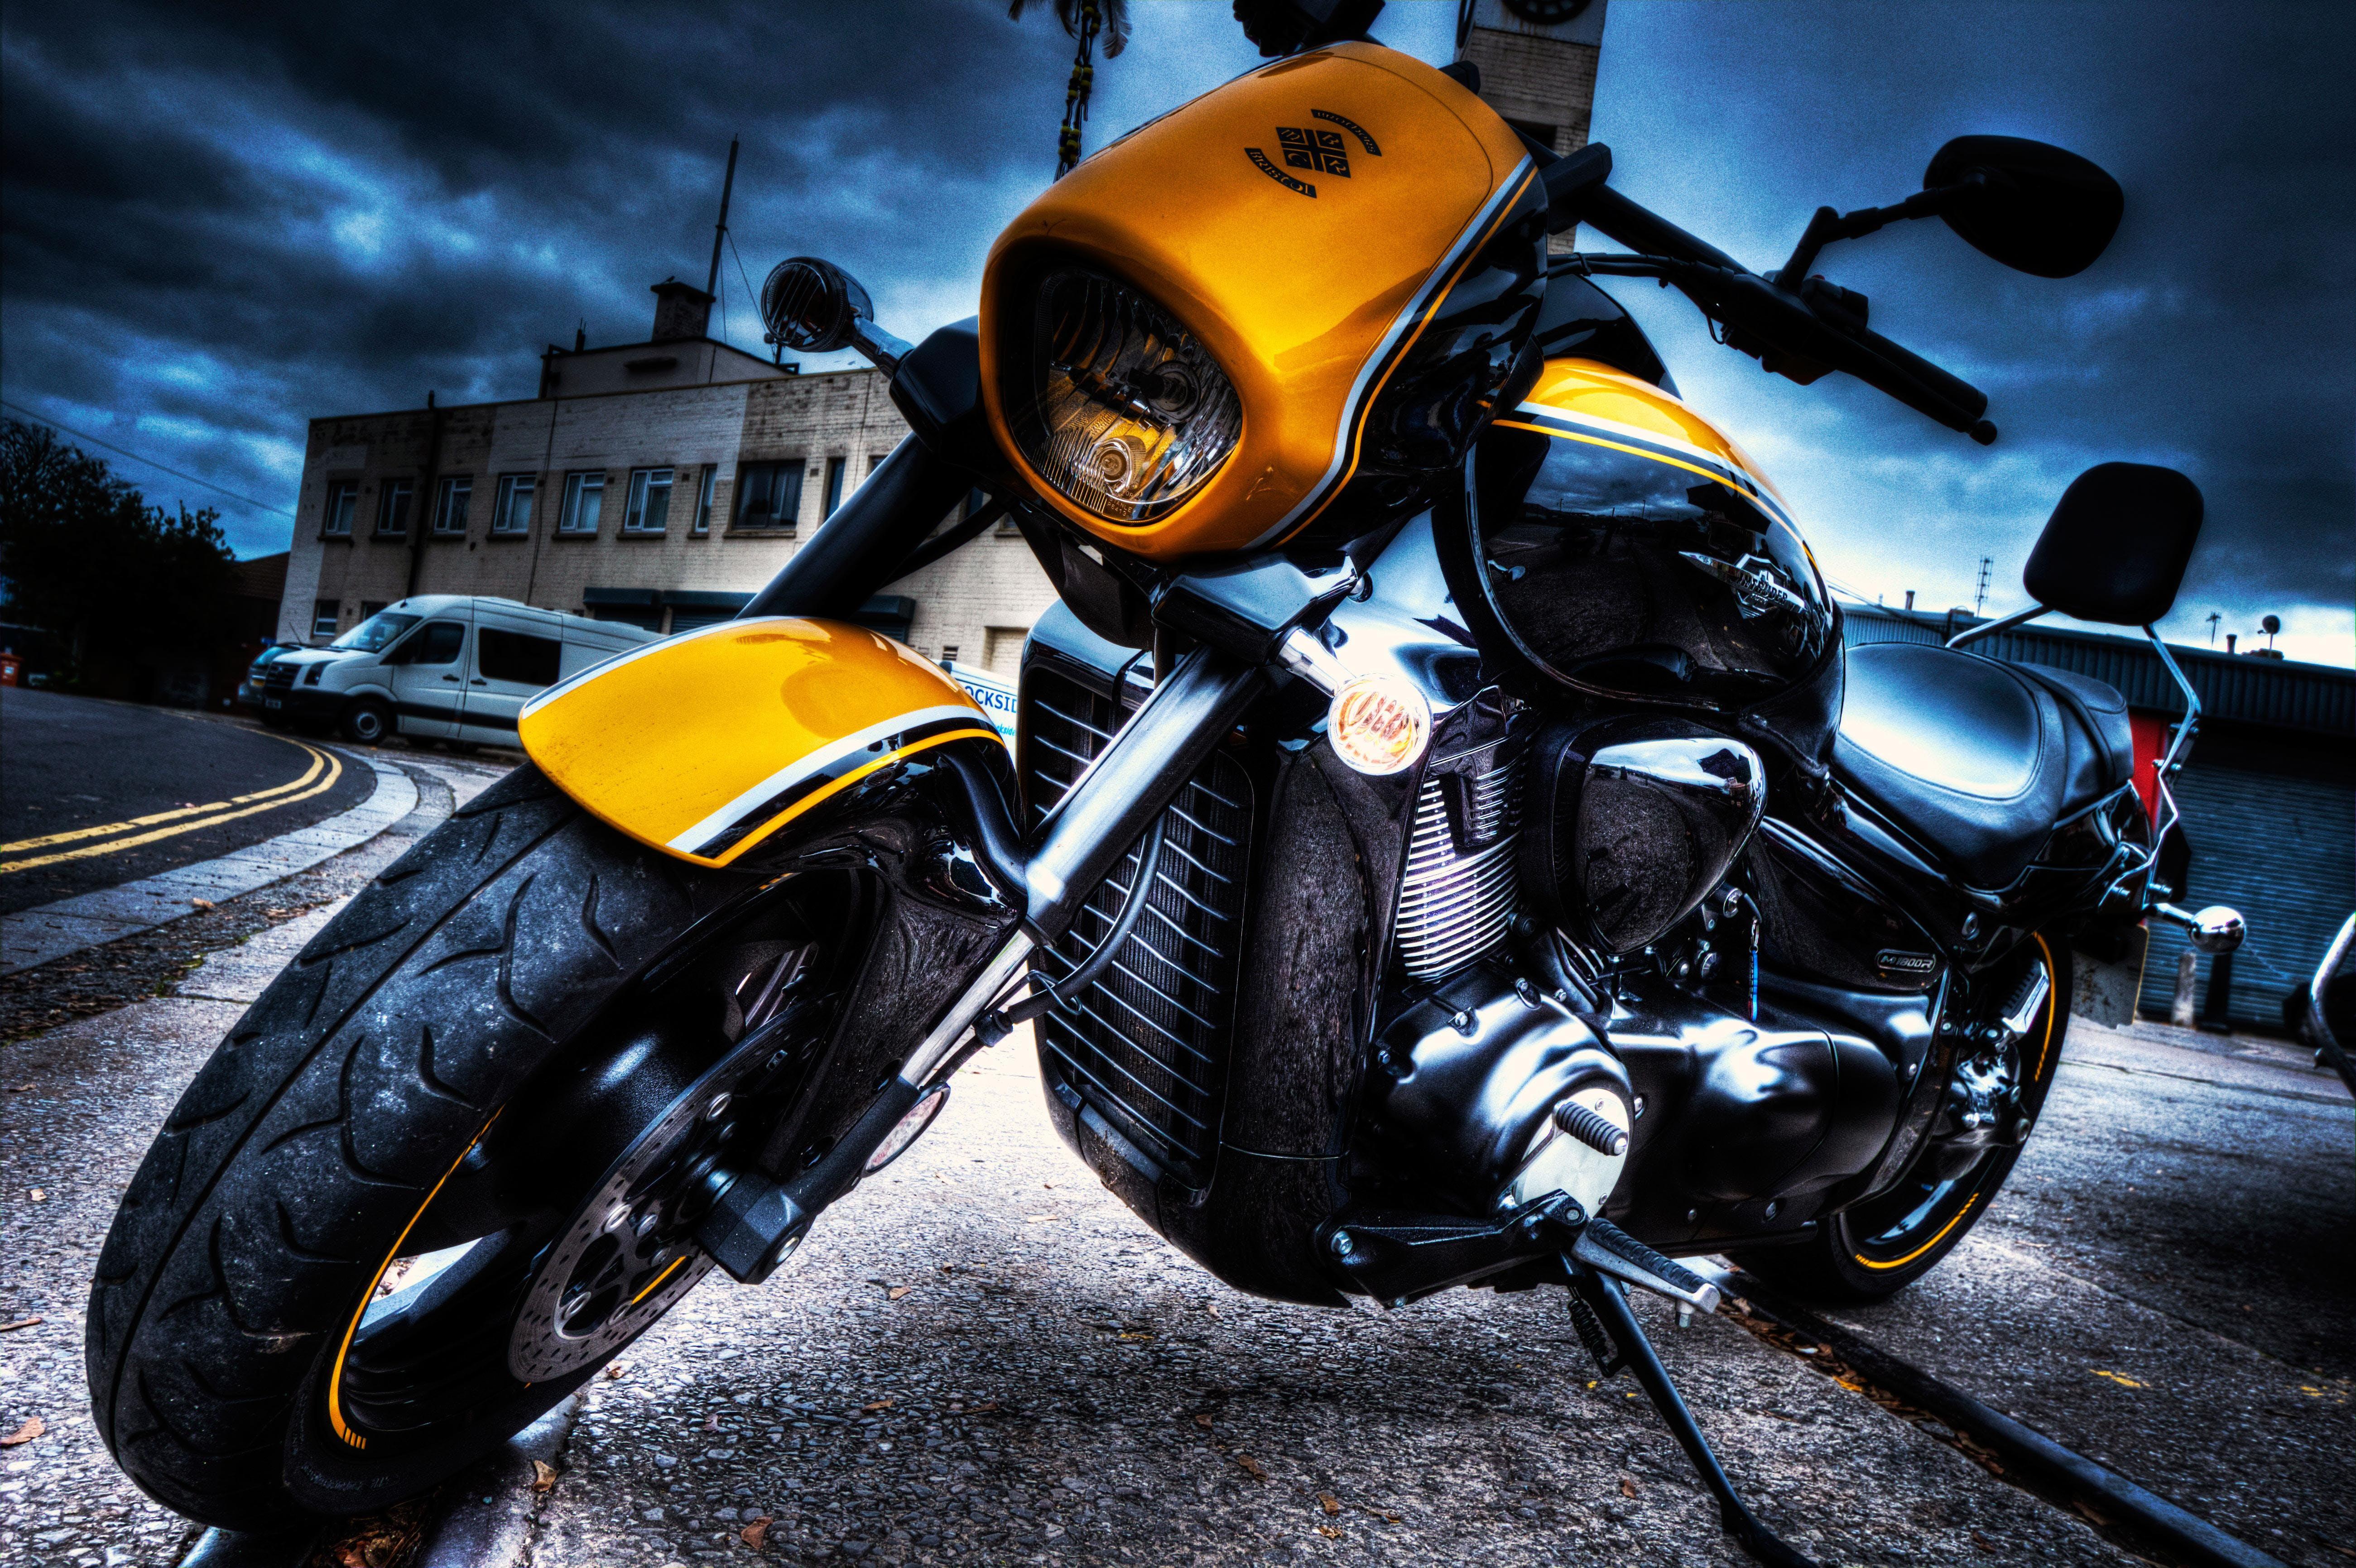 of bike, motorbike, motorcycle